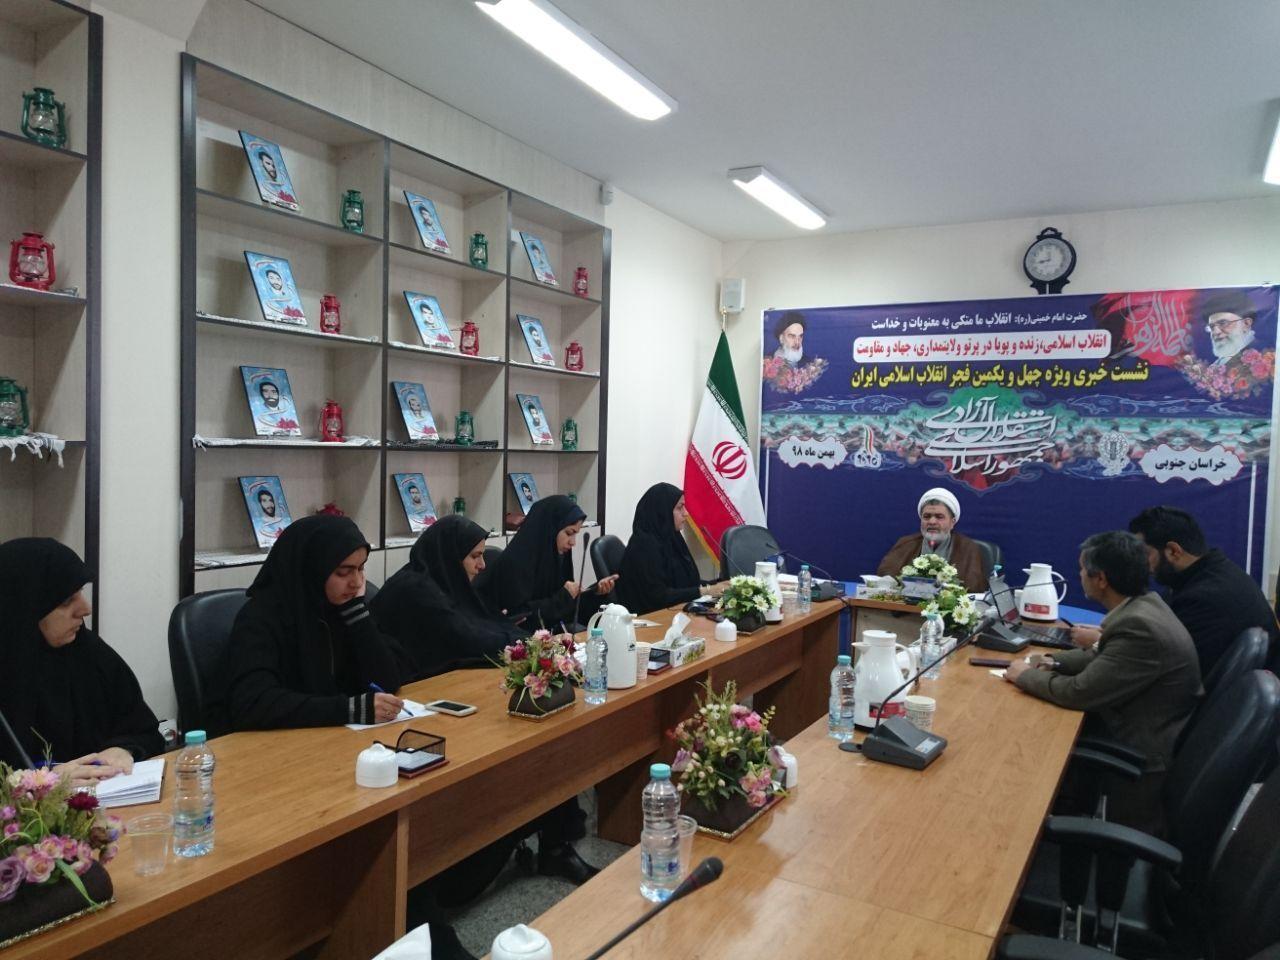 ۱۳۰ گفتمان دینی دهه فجر در خراسان جنوبی برگزار میشود